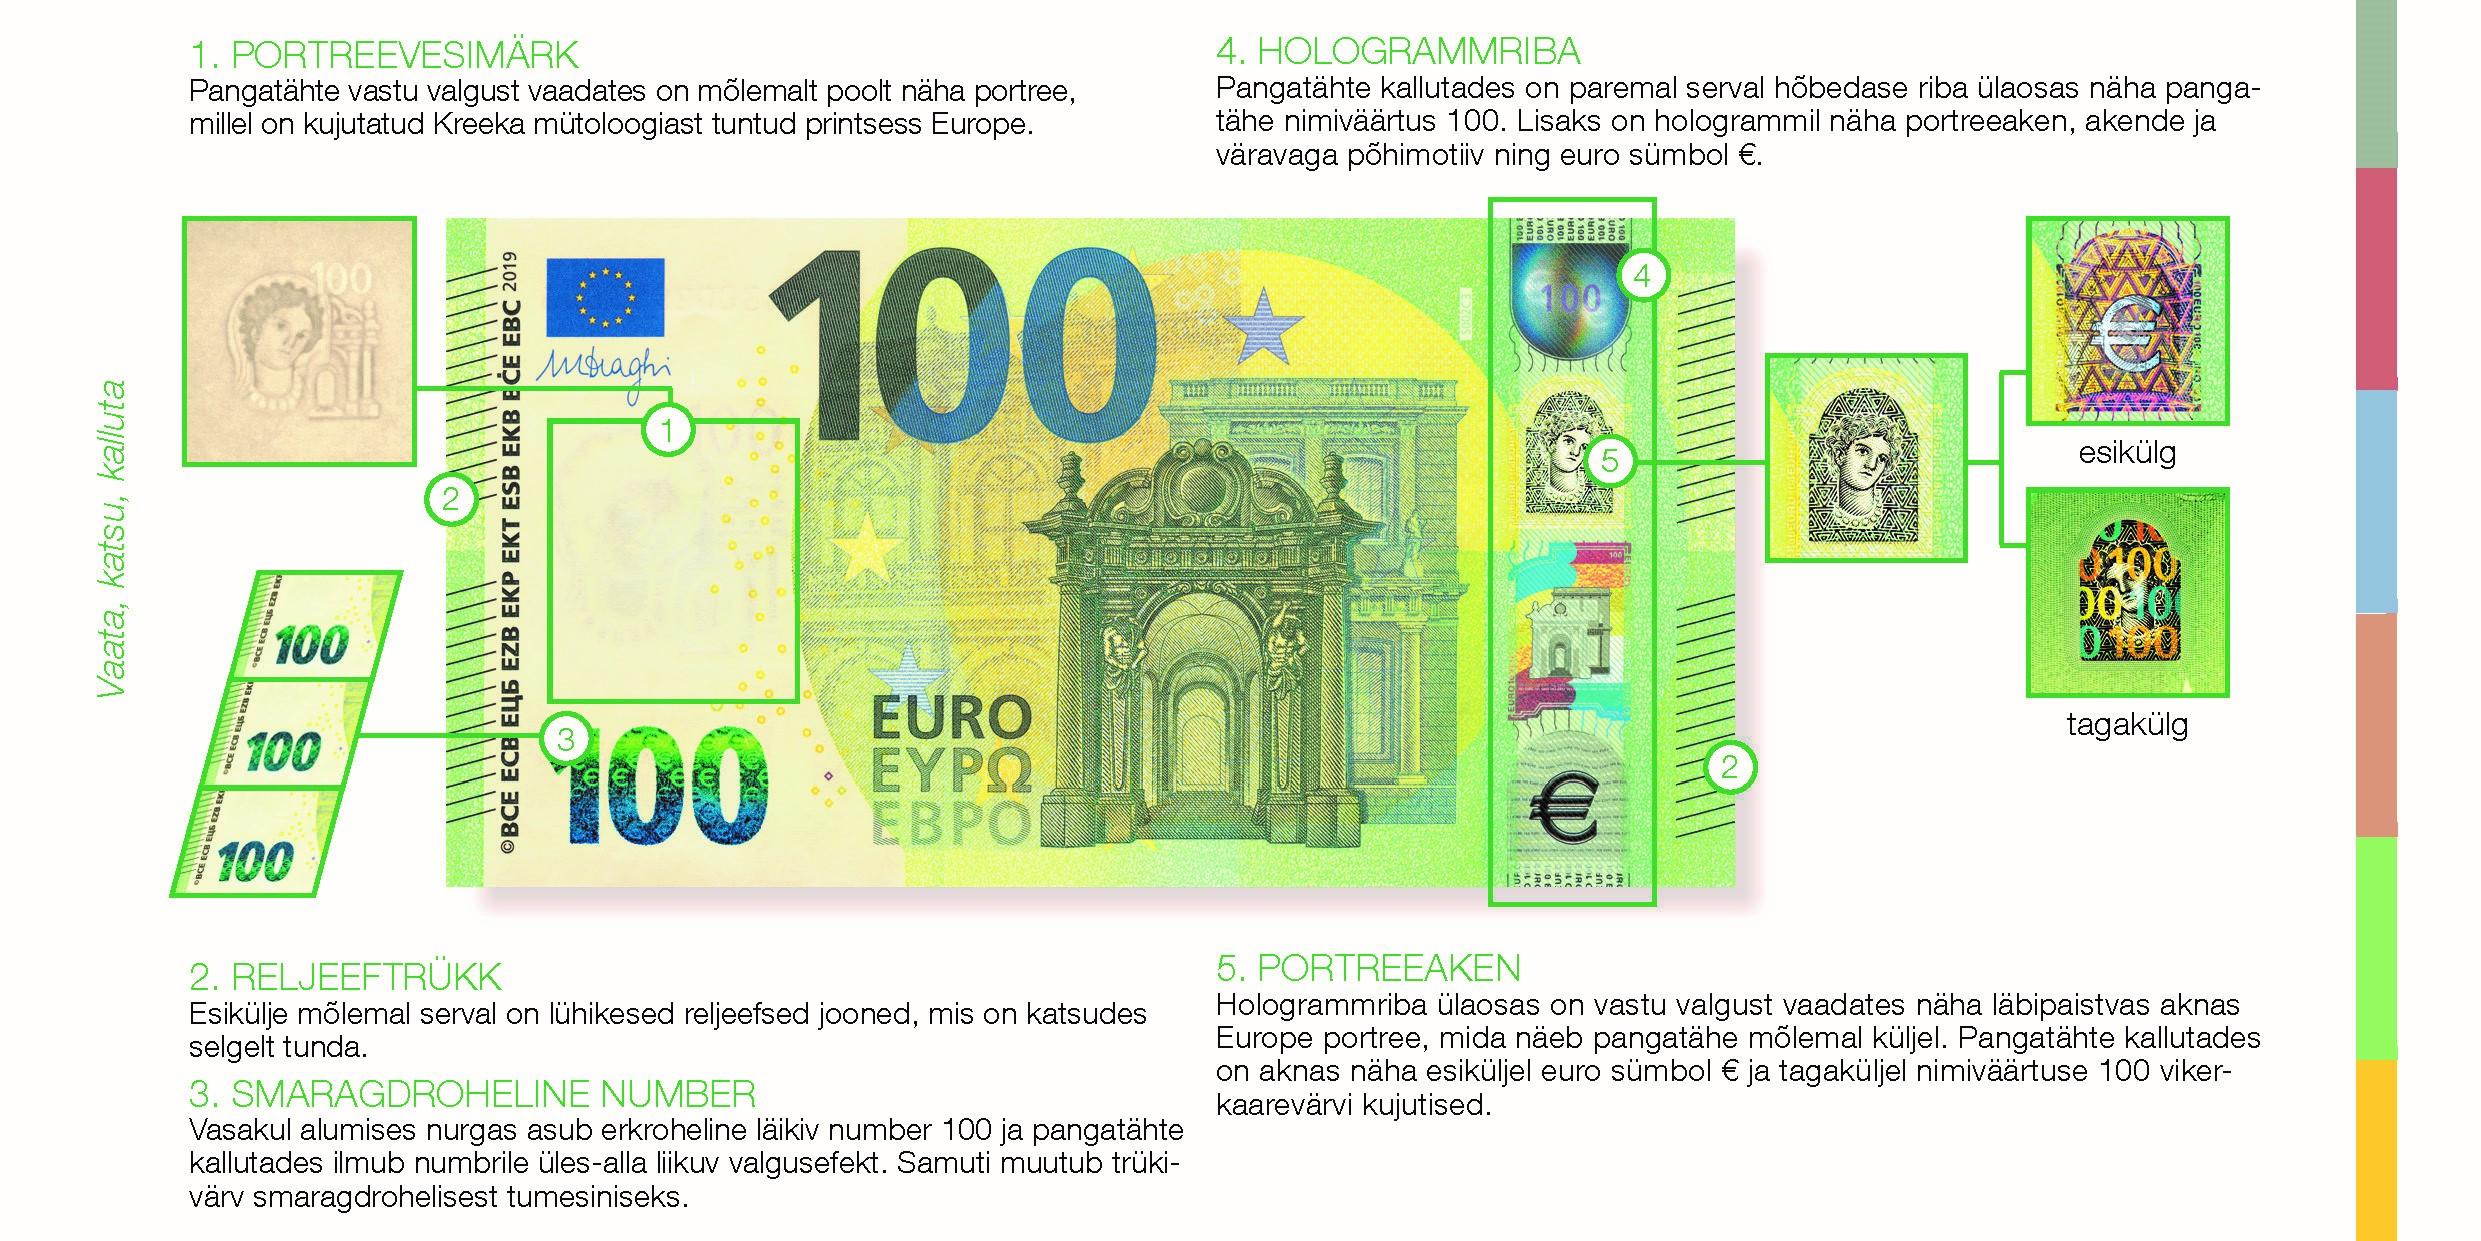 Uus 100-eurone pangatäht